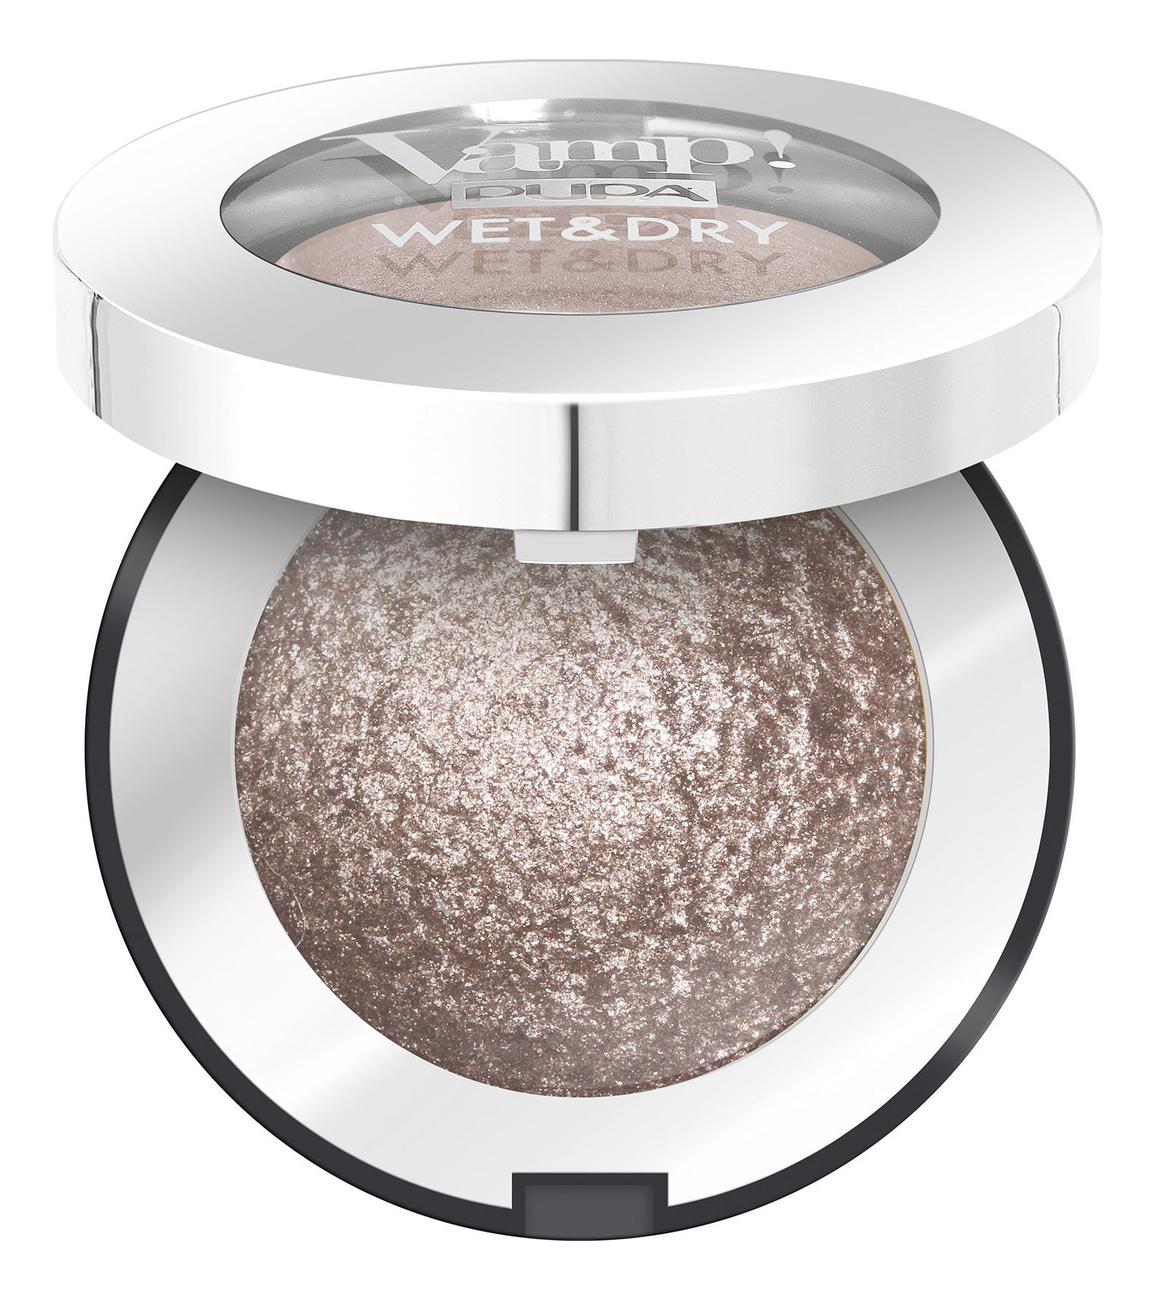 Запеченные тени для век Vamp! Wet & Dry Eyeshadow 1г: 301 Cold Taupe